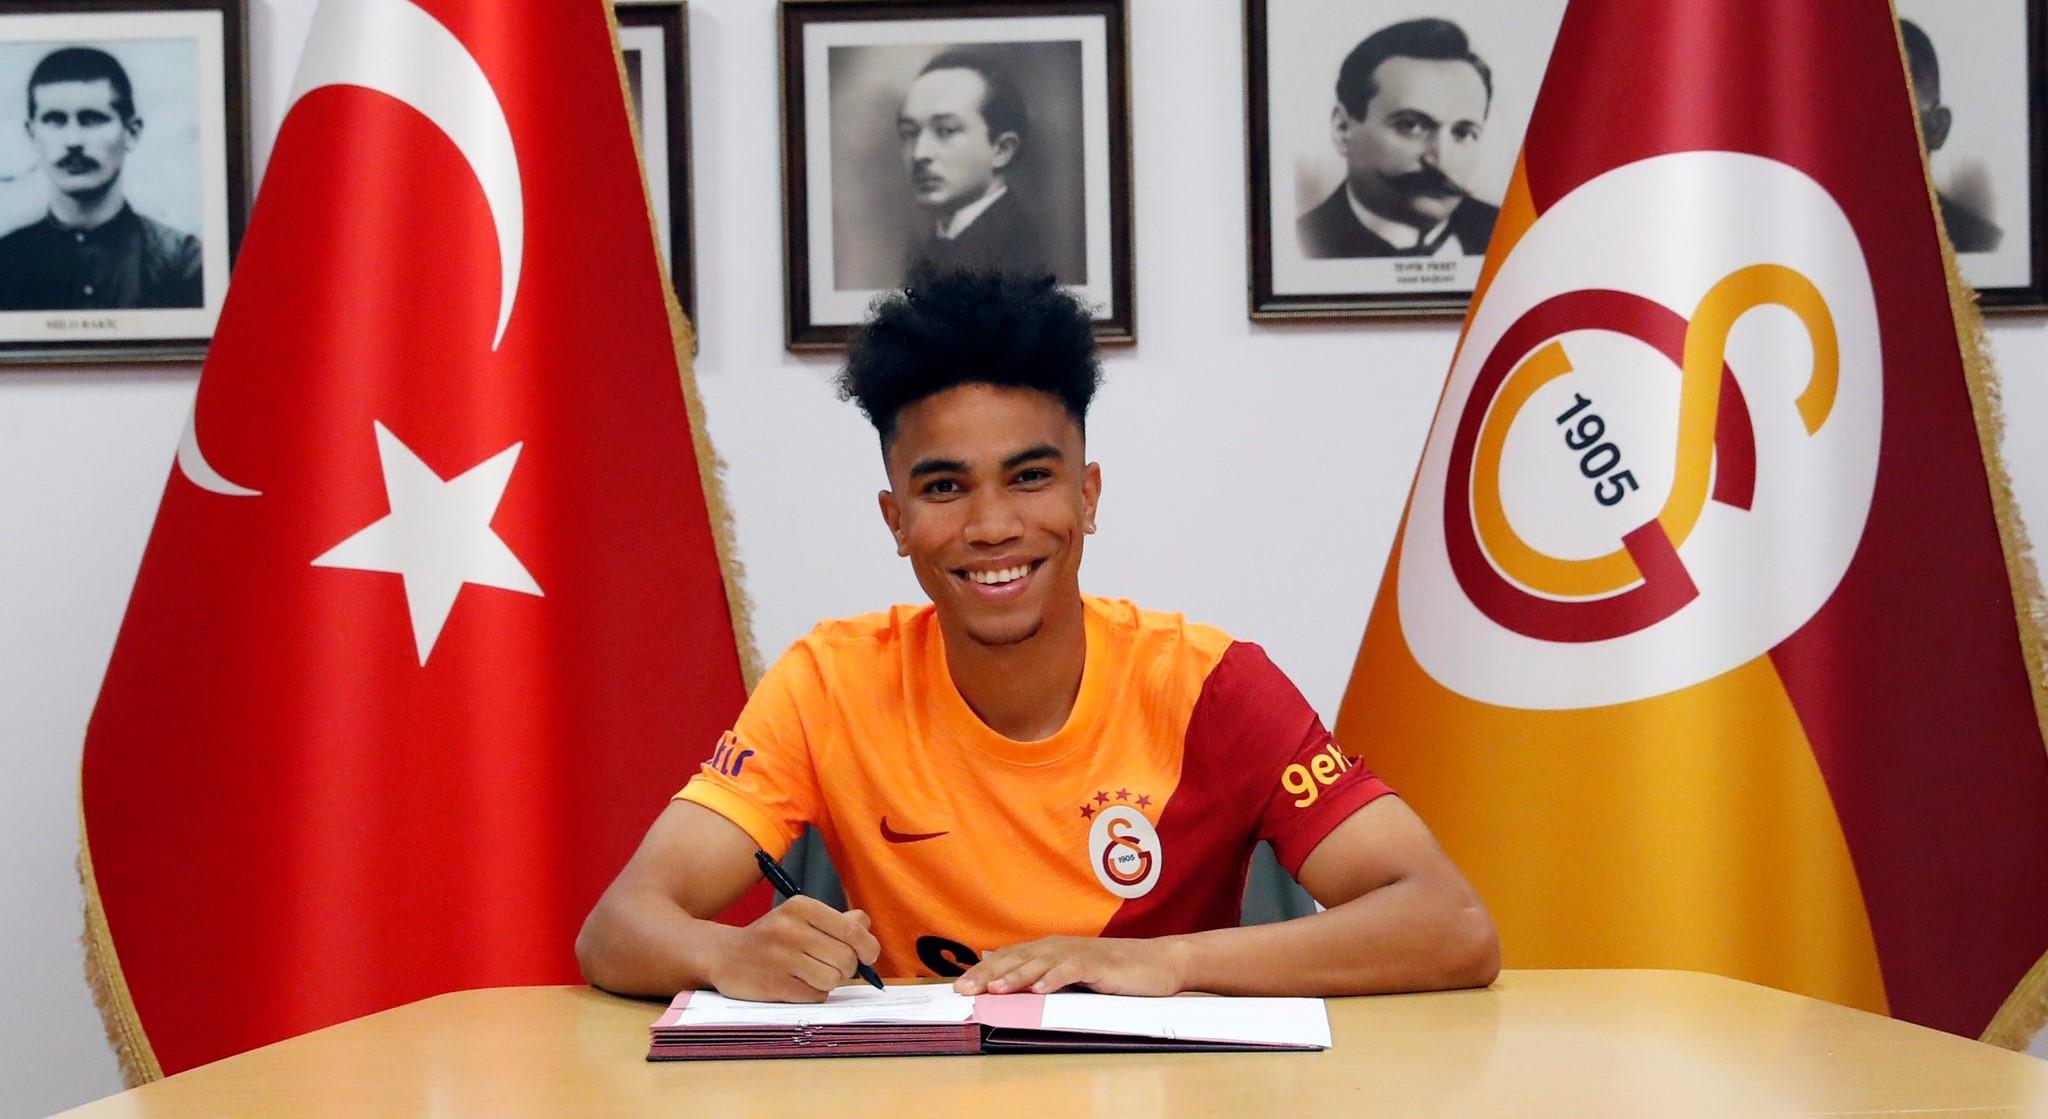 Com passagem pelo Sub-17 do São Paulo, Gustavo Assunção é anunciado pelo Galatasaray